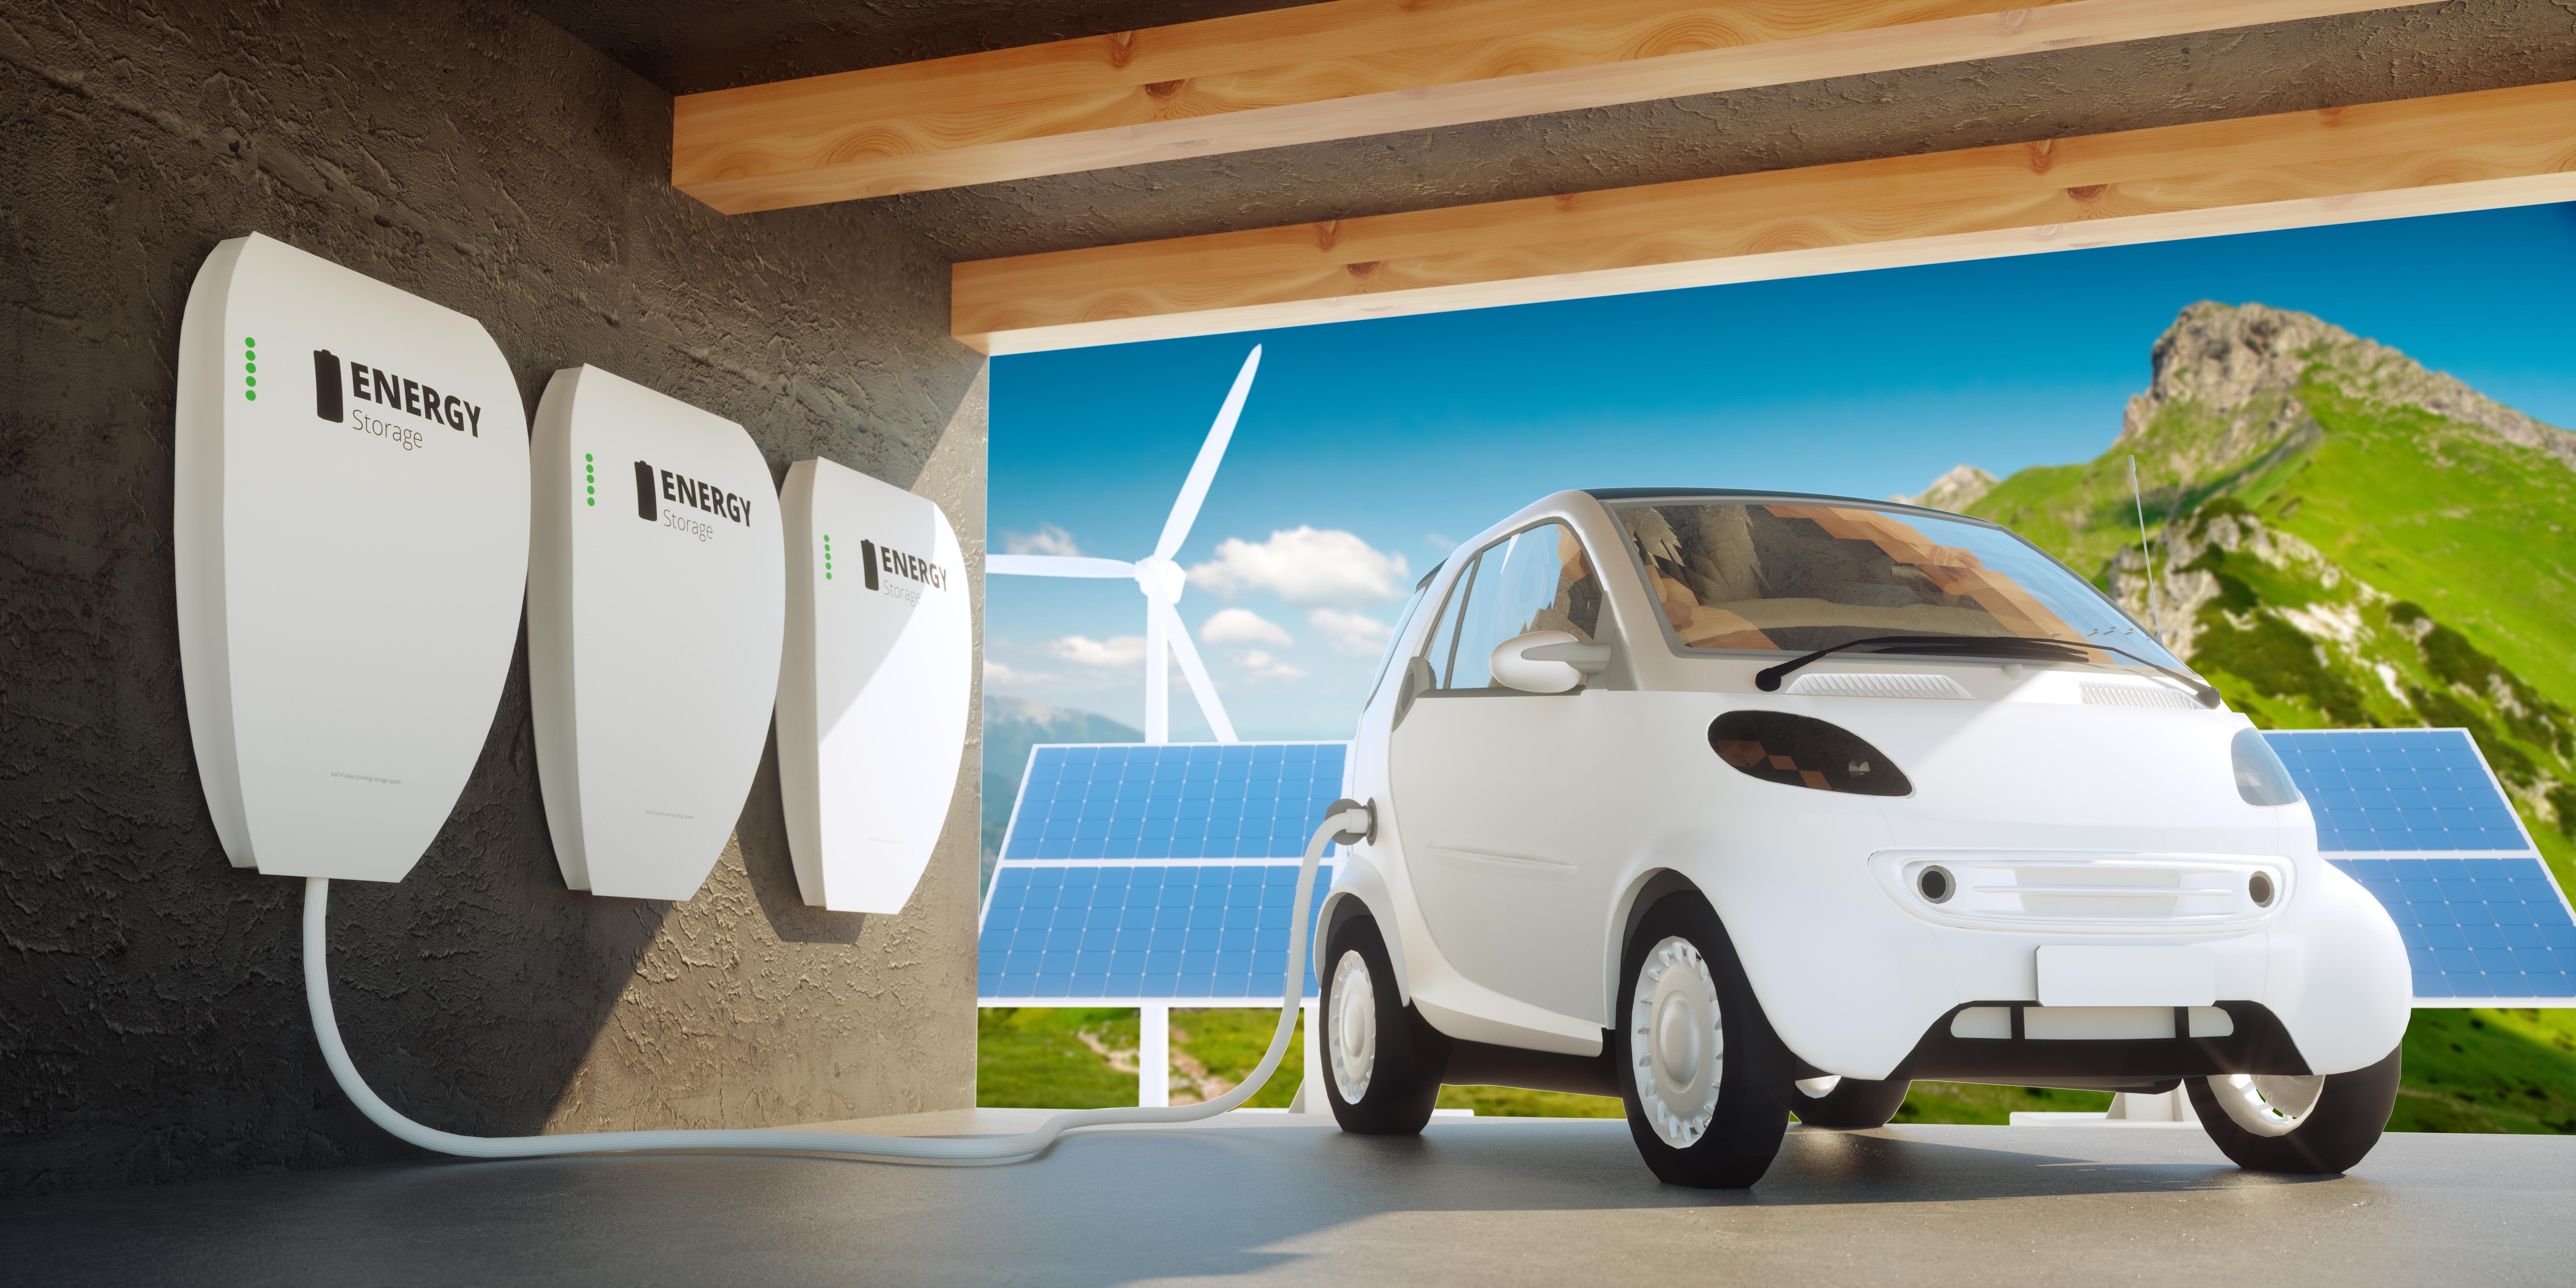 动力电池回收成本高等问题待解